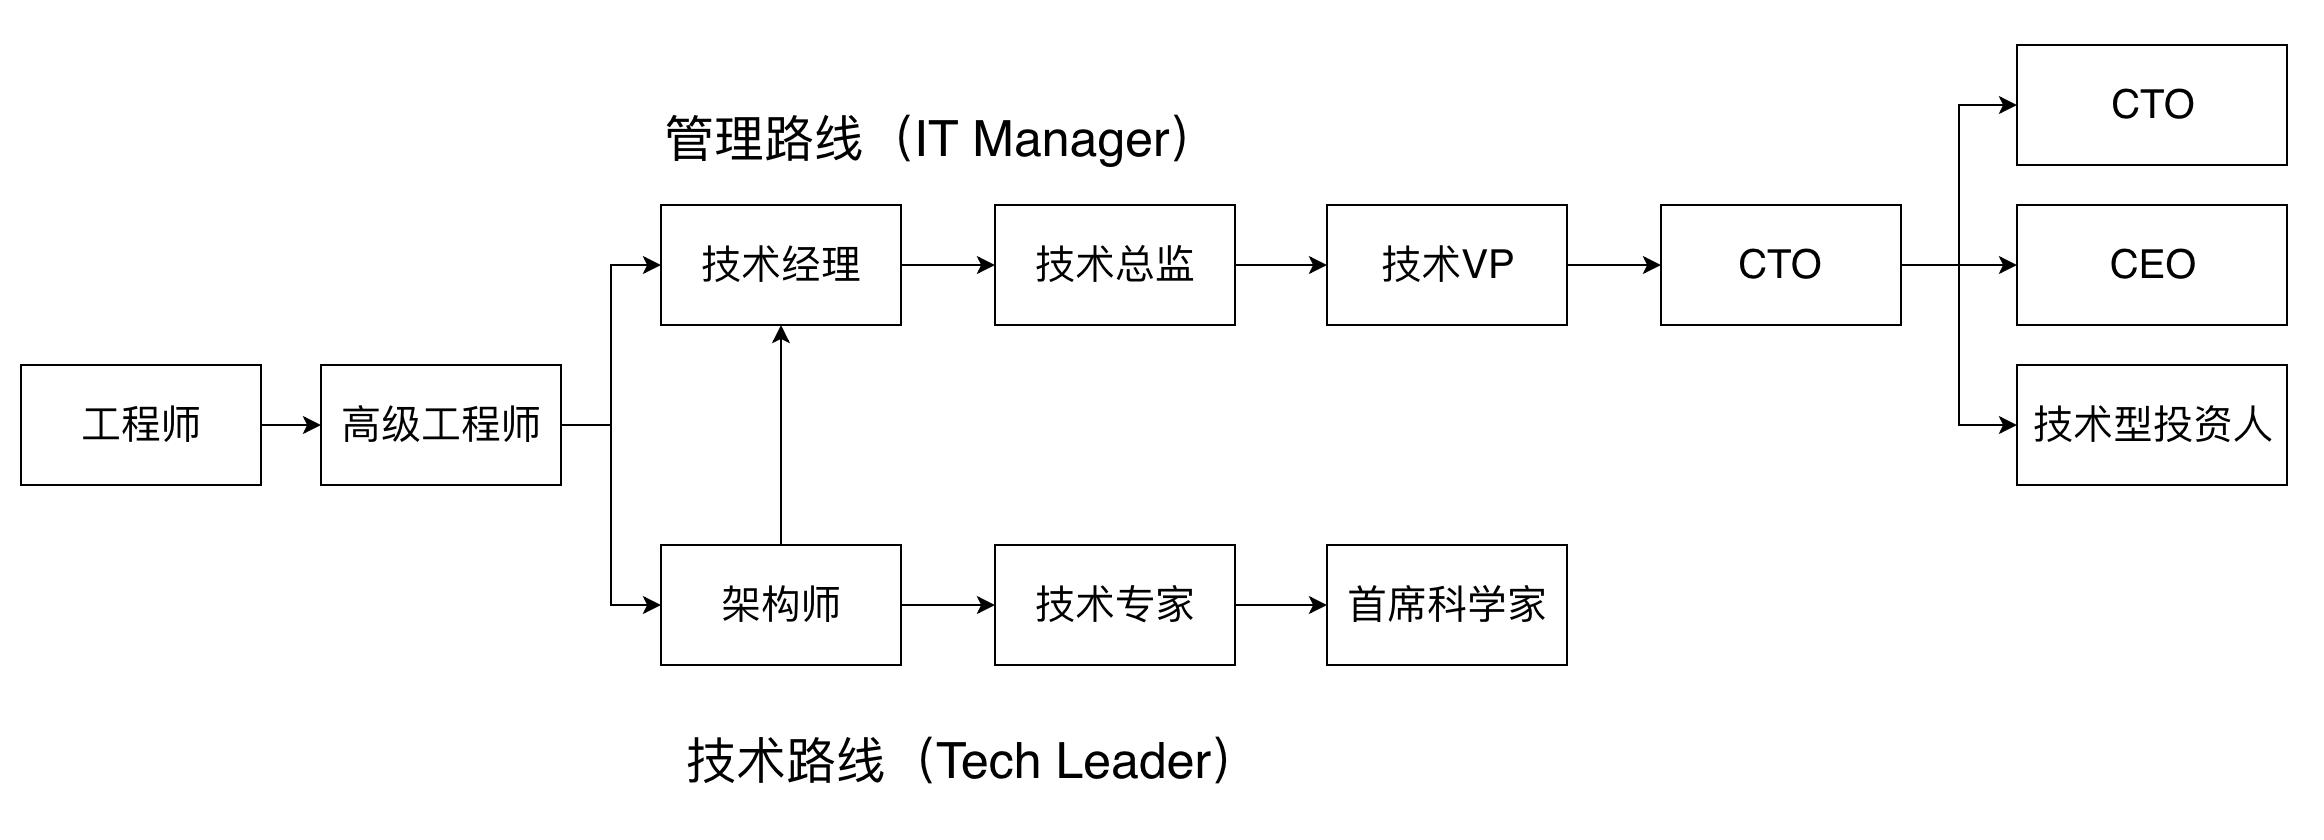 技术路线与管理路线